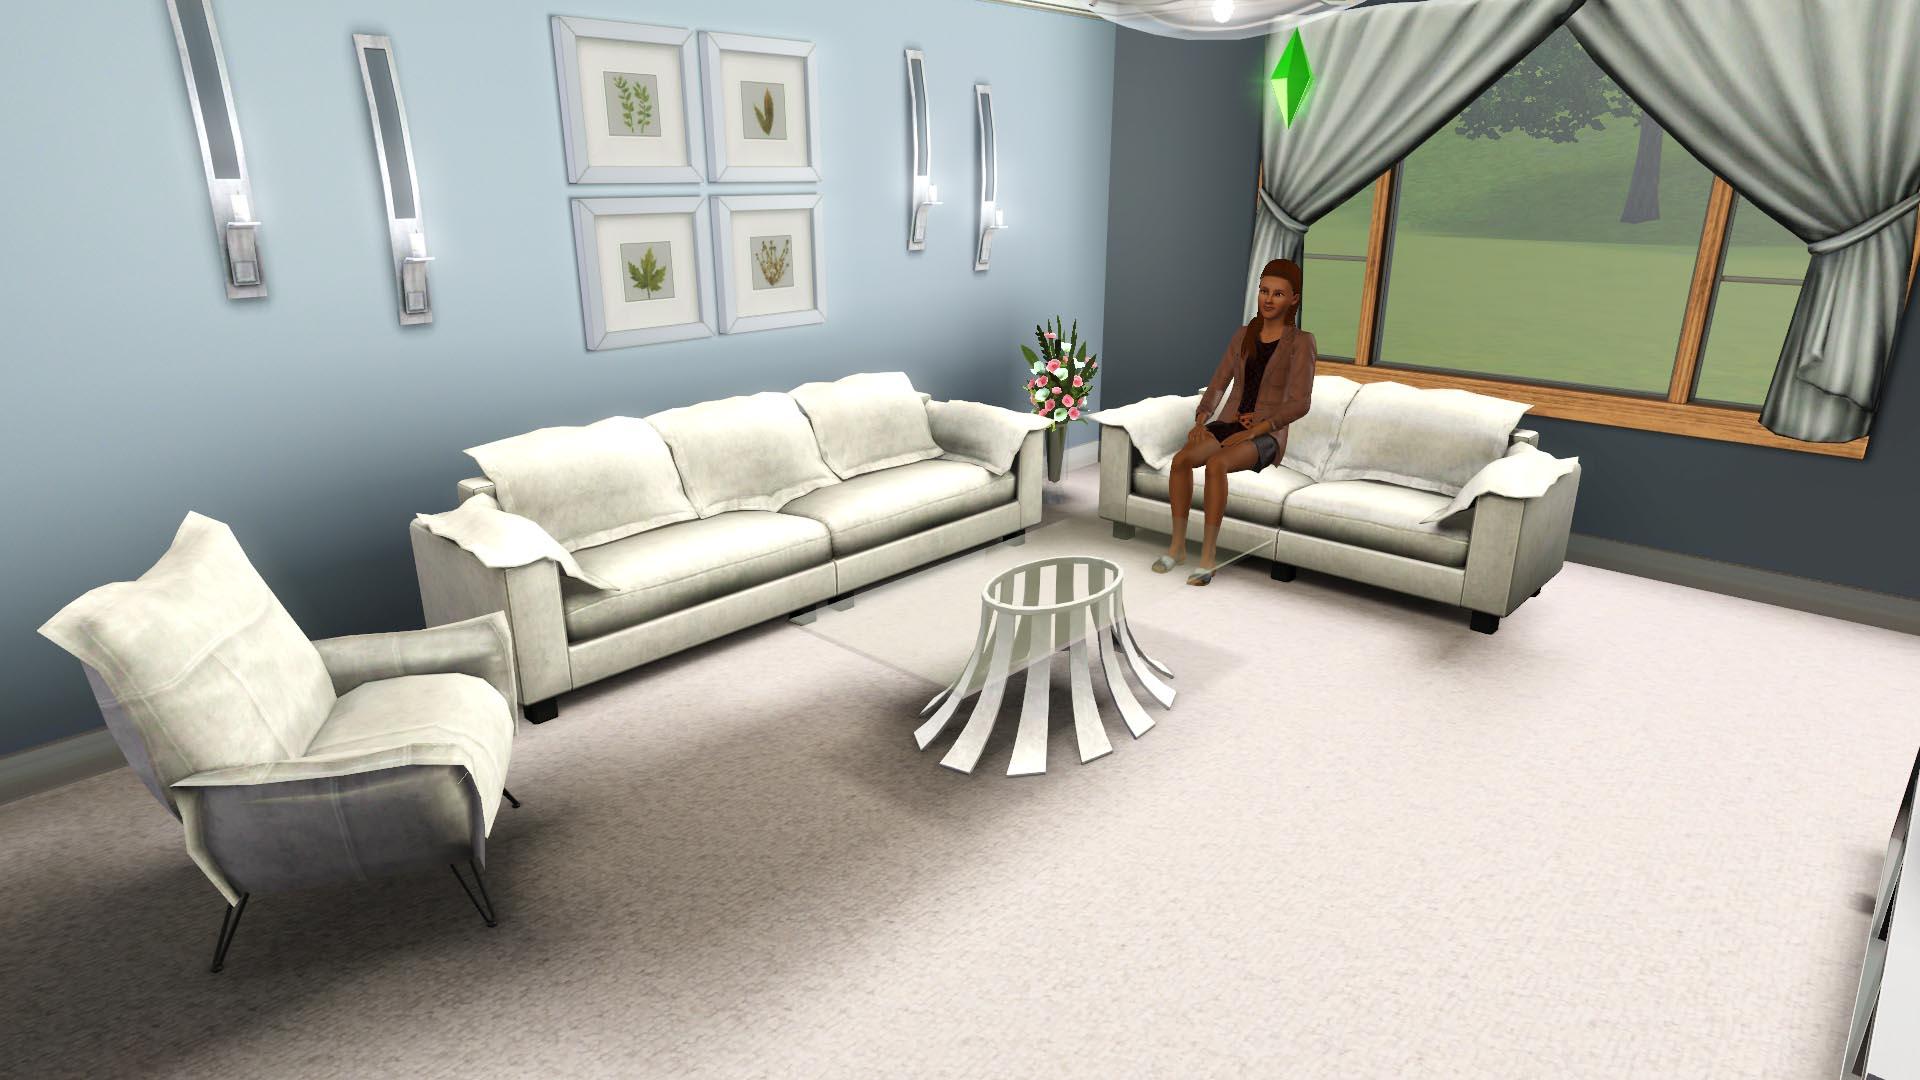 Mod The Sims - Nebula Loveseat